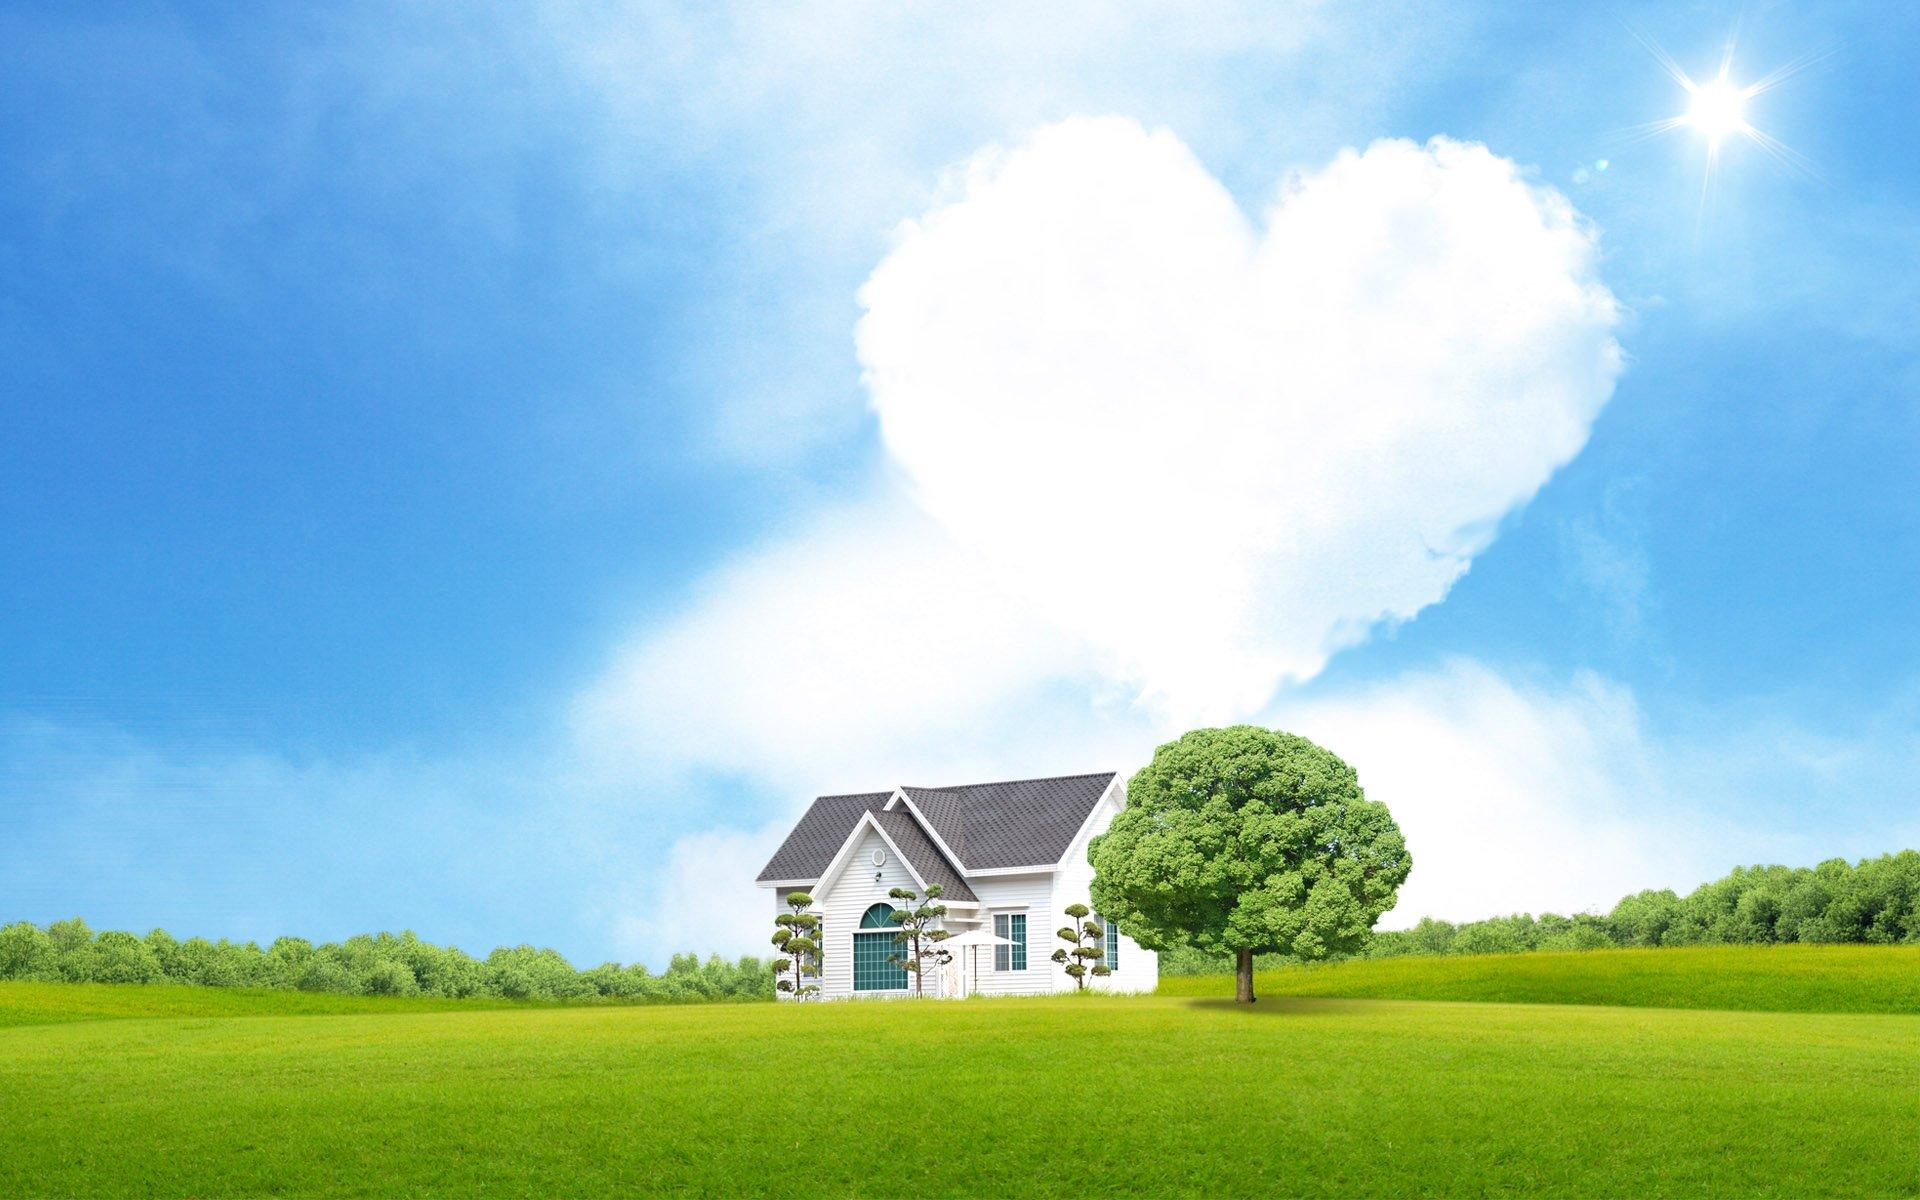 картинка дом любви и солнца уборке номера замечаний